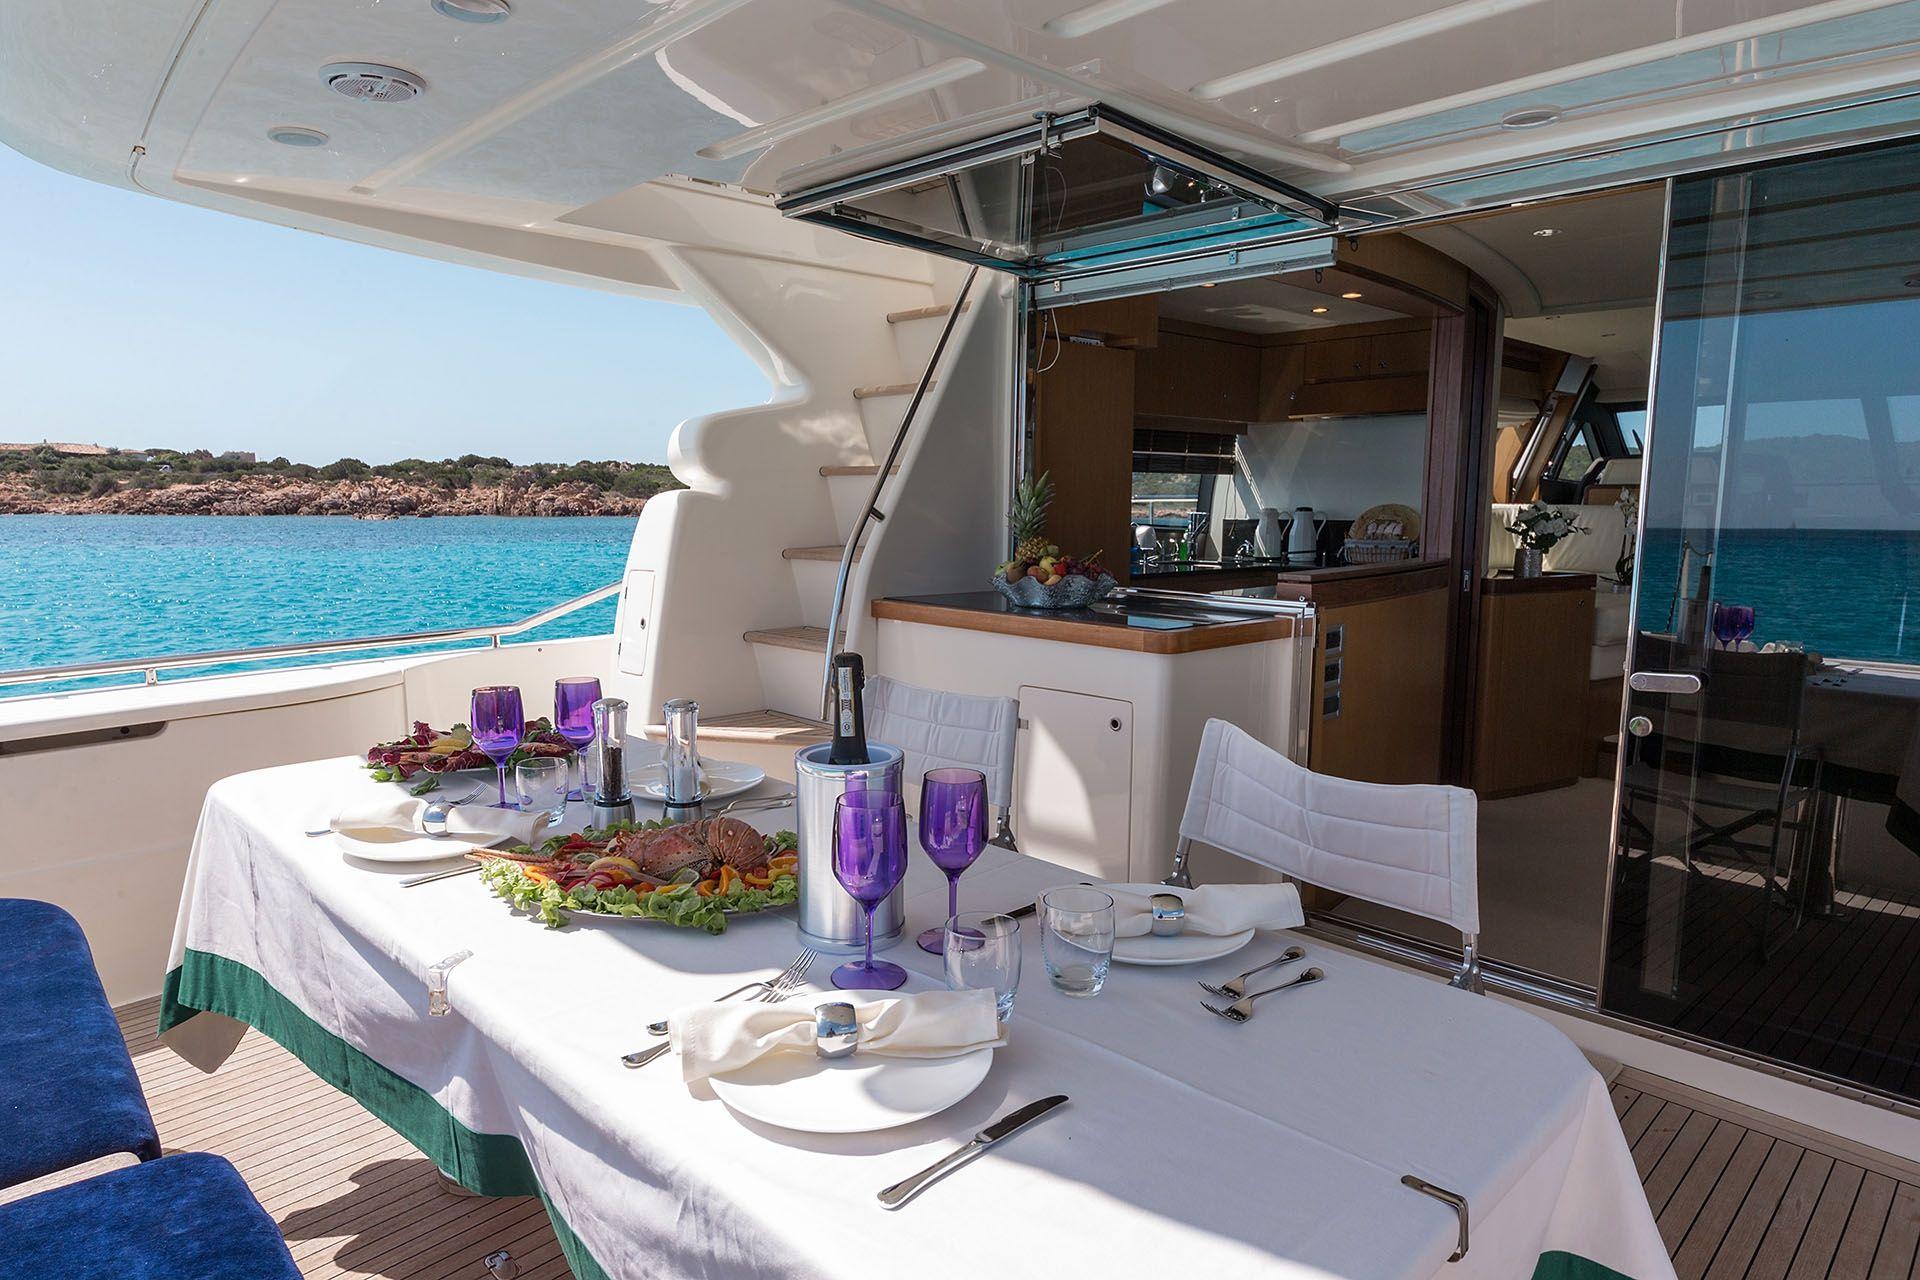 D`ARTAGNAN Ferretti 630 Luxury Motoryacht Al Fresco Dining